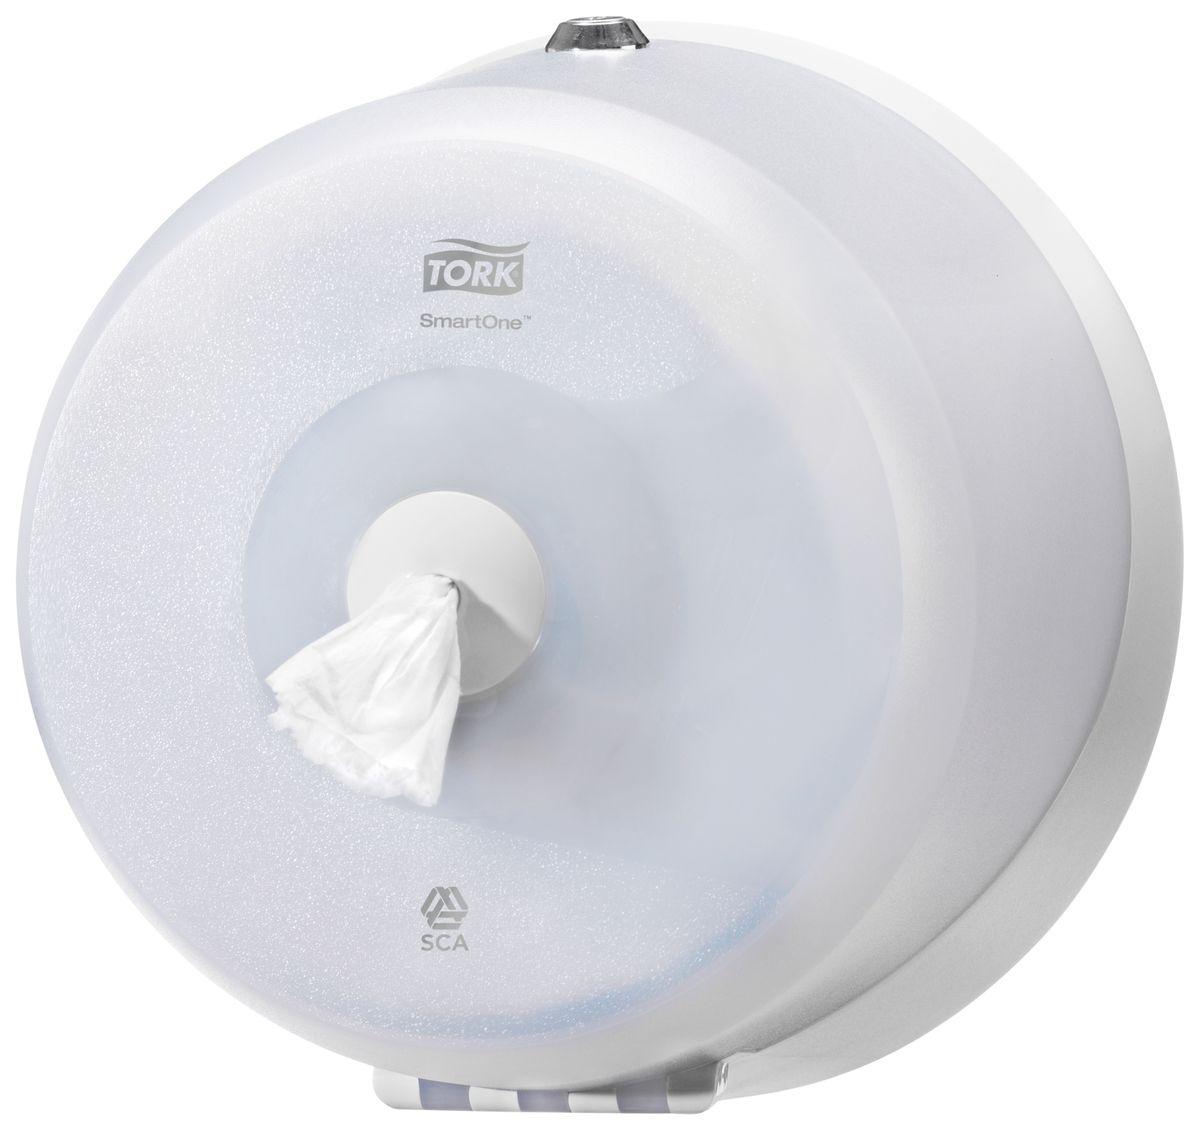 Диспенсер для туалетной бумаги Tork, цвет: белый. 472026472026Система Т9 - бумага в мини рулонах с центральной вытяжкой Яркий синий цвет, высокая прочность и долговечность - главные качество Tork диспенсеров серии Wave.Диспенсер большой емкости - минимум обслуживания.Полистовая подача: сокращение расхода бумаги до 40%.Гигиеничность использования - бесконтактный отбор бумаги.Прочная конструкция из поликарбоната: антивандальные свойства.Полупрозрачная крышка: удобный контроль необходимости перезаполнения.